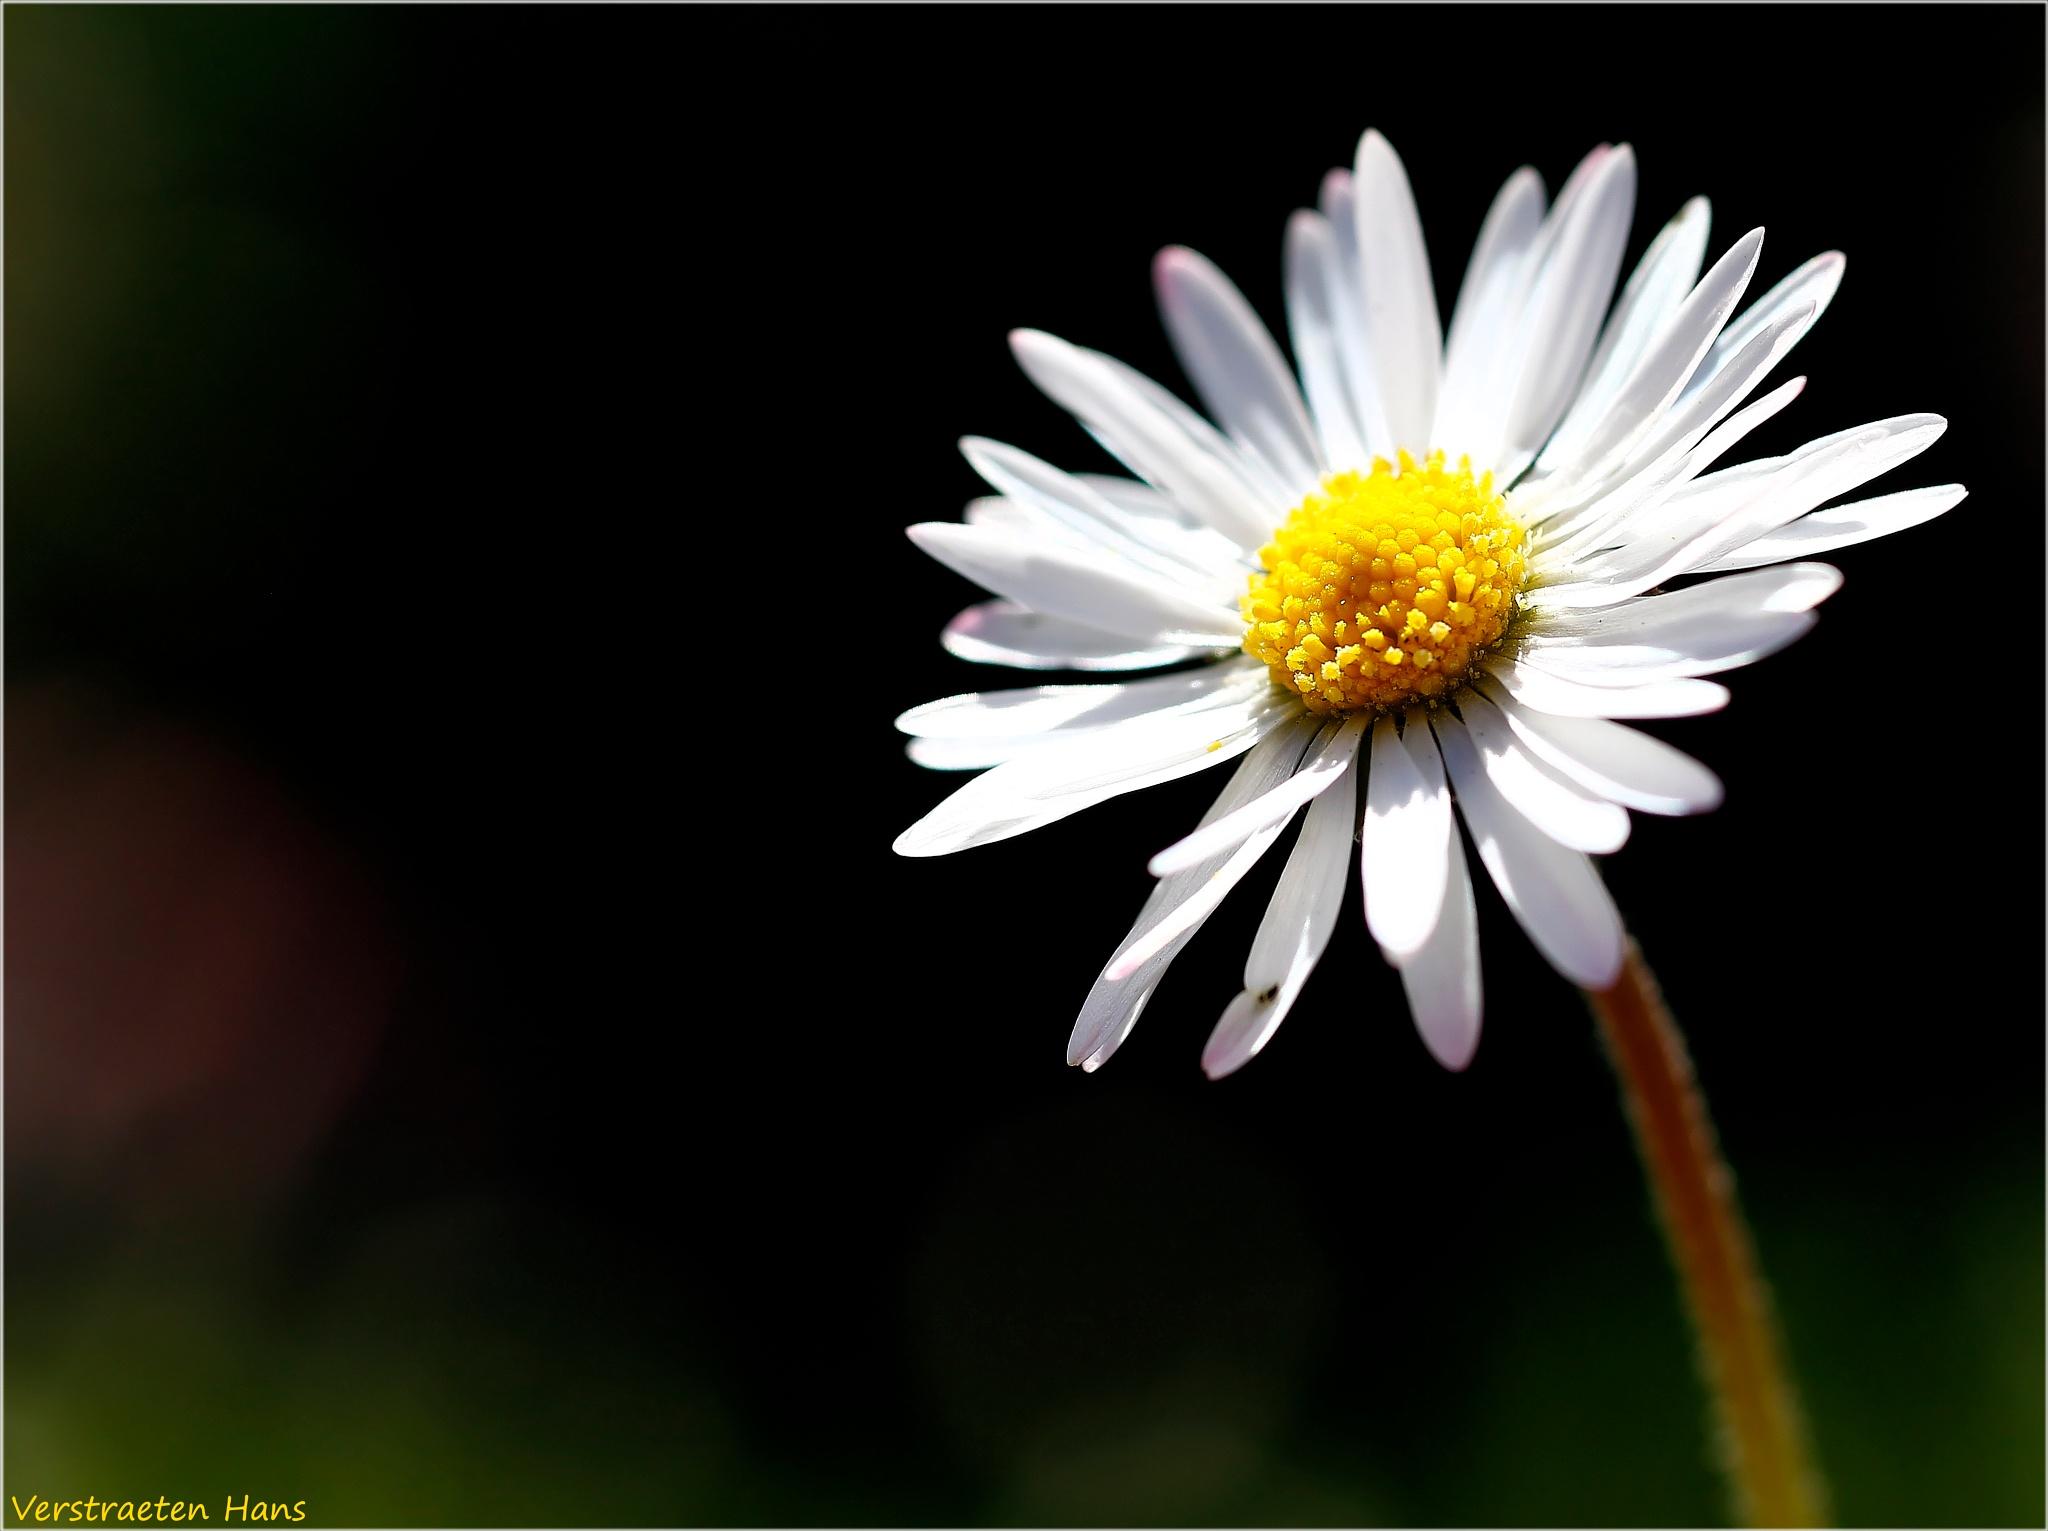 Daisy in the sun ... by zard319